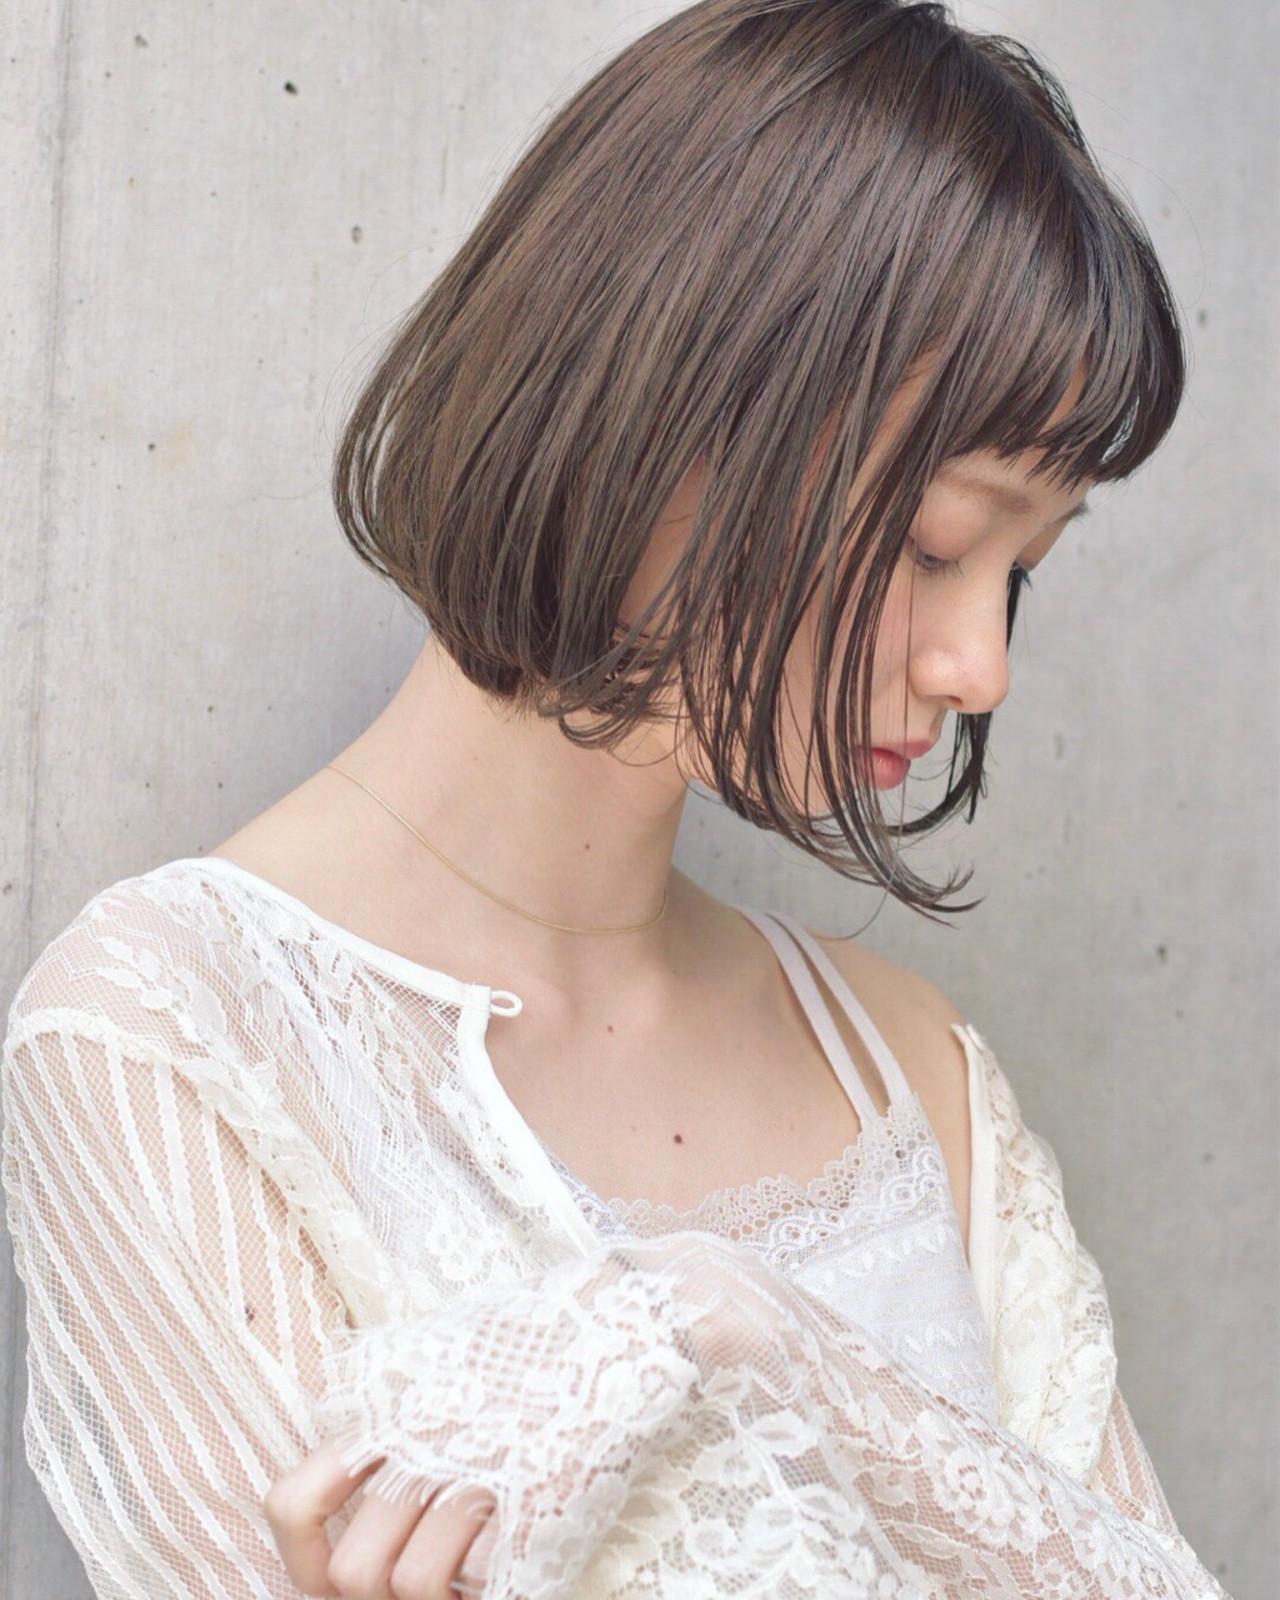 モテ髪 こなれ感 愛され フェミニン ヘアスタイルや髪型の写真・画像